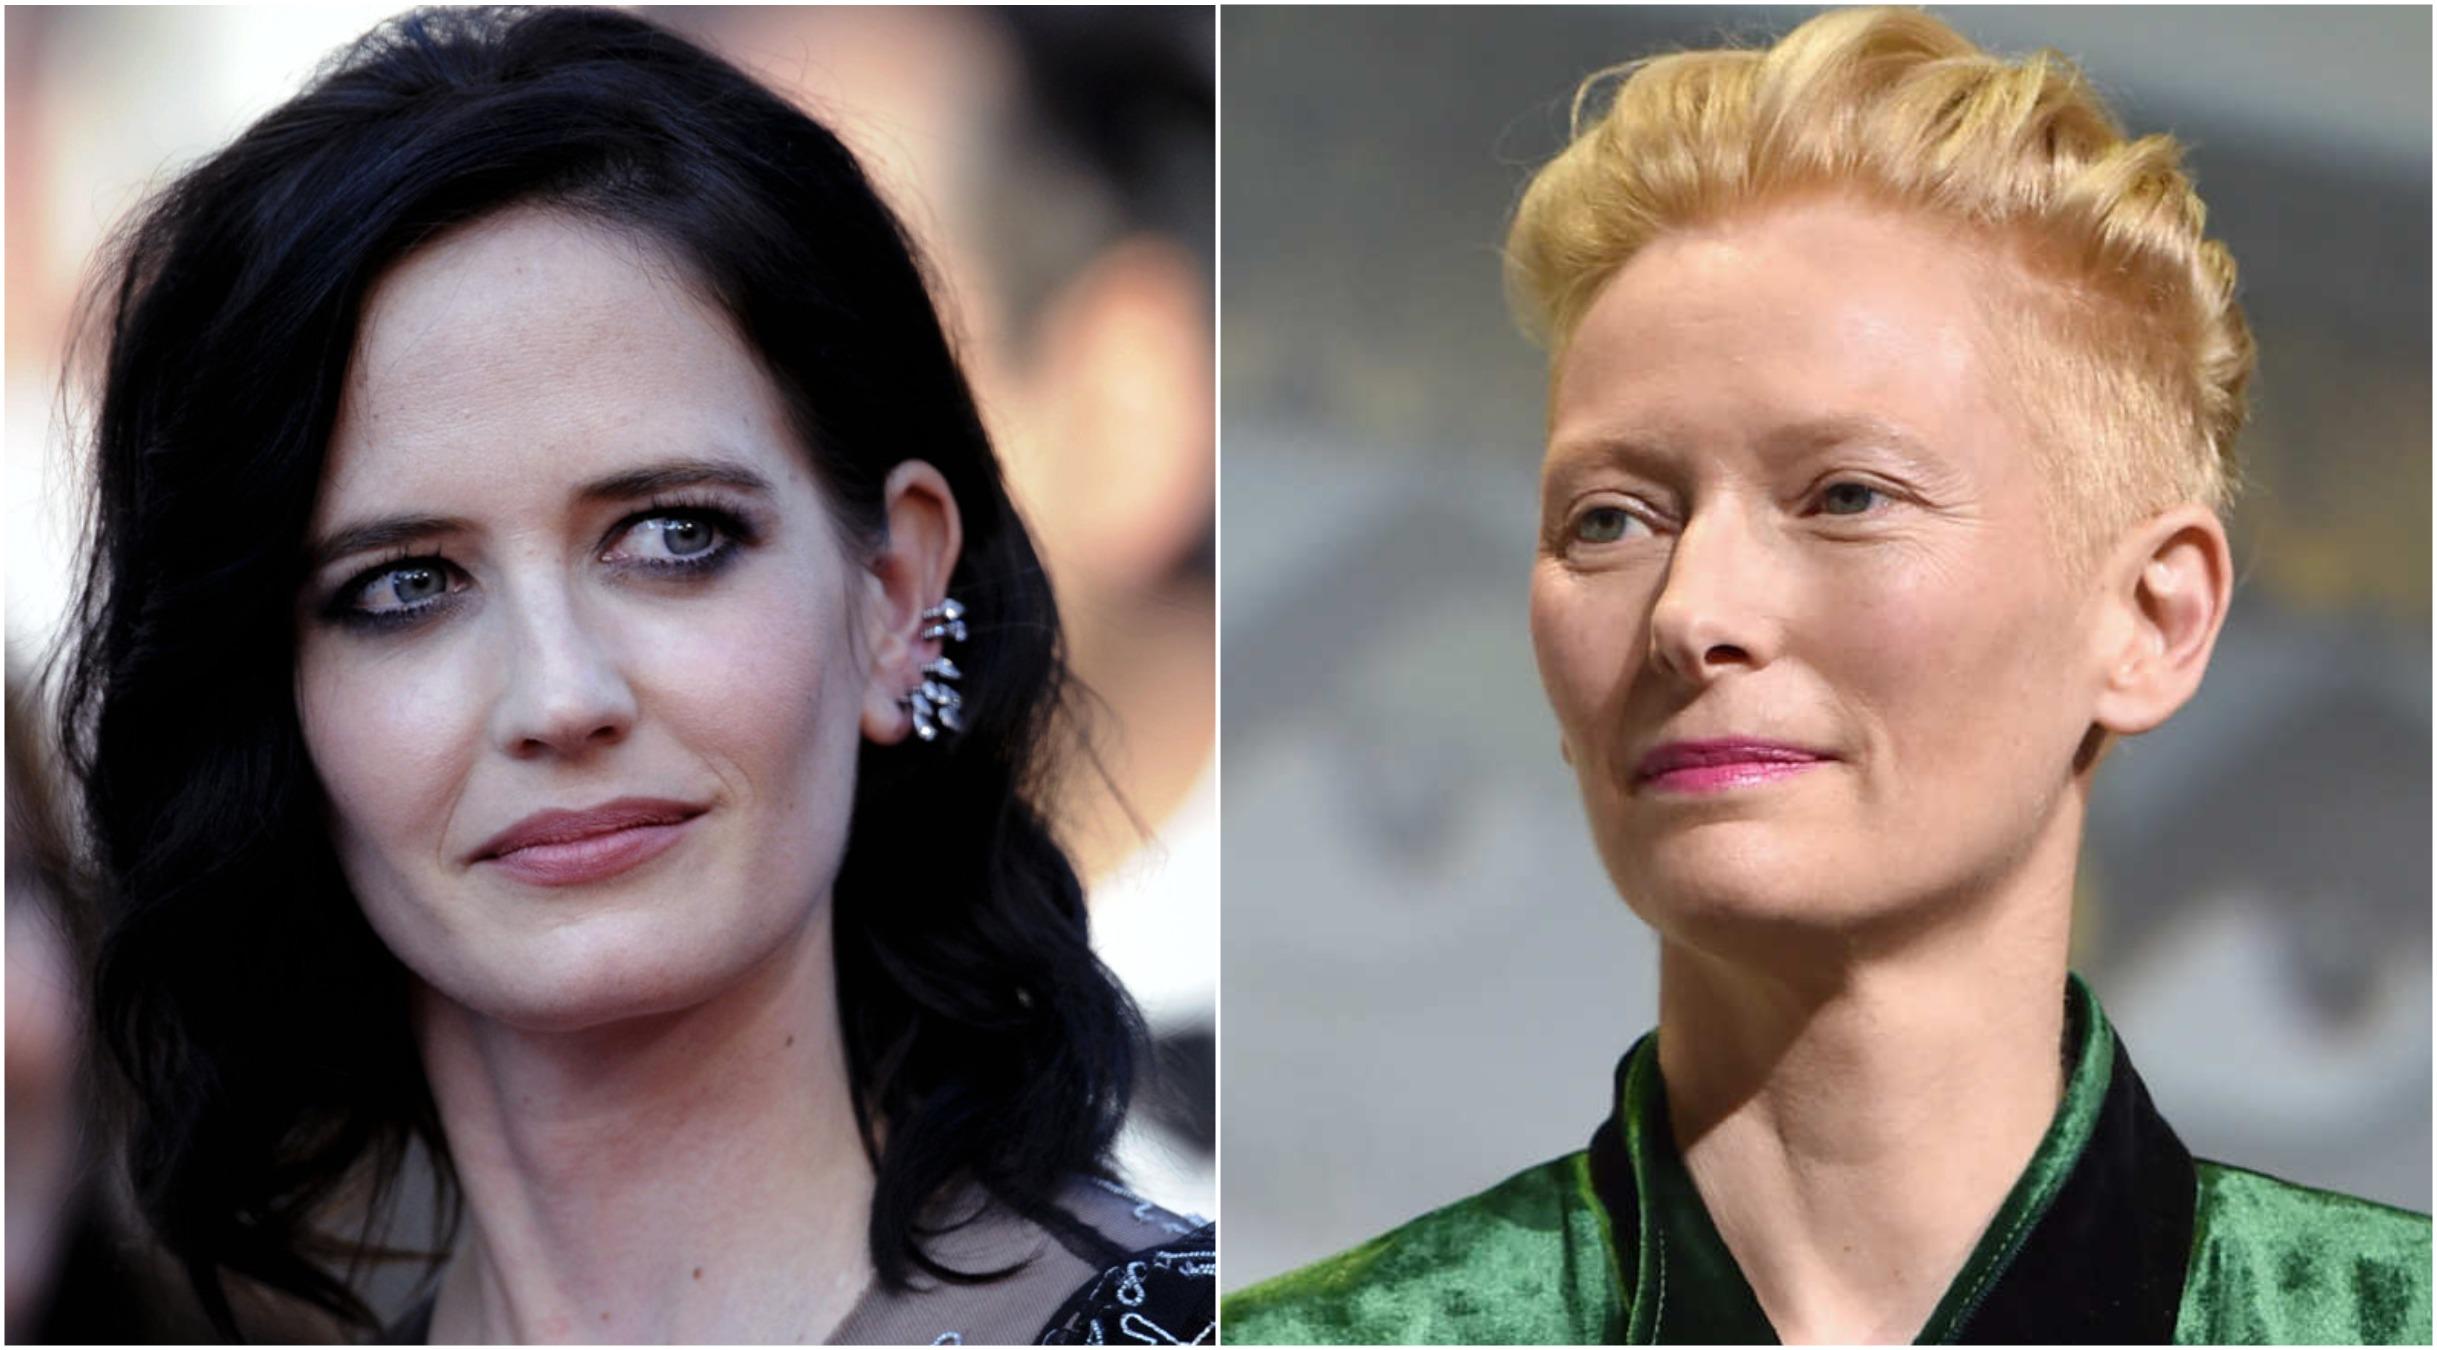 время самые некрасивые актрисы мира фото и имена получения необычного